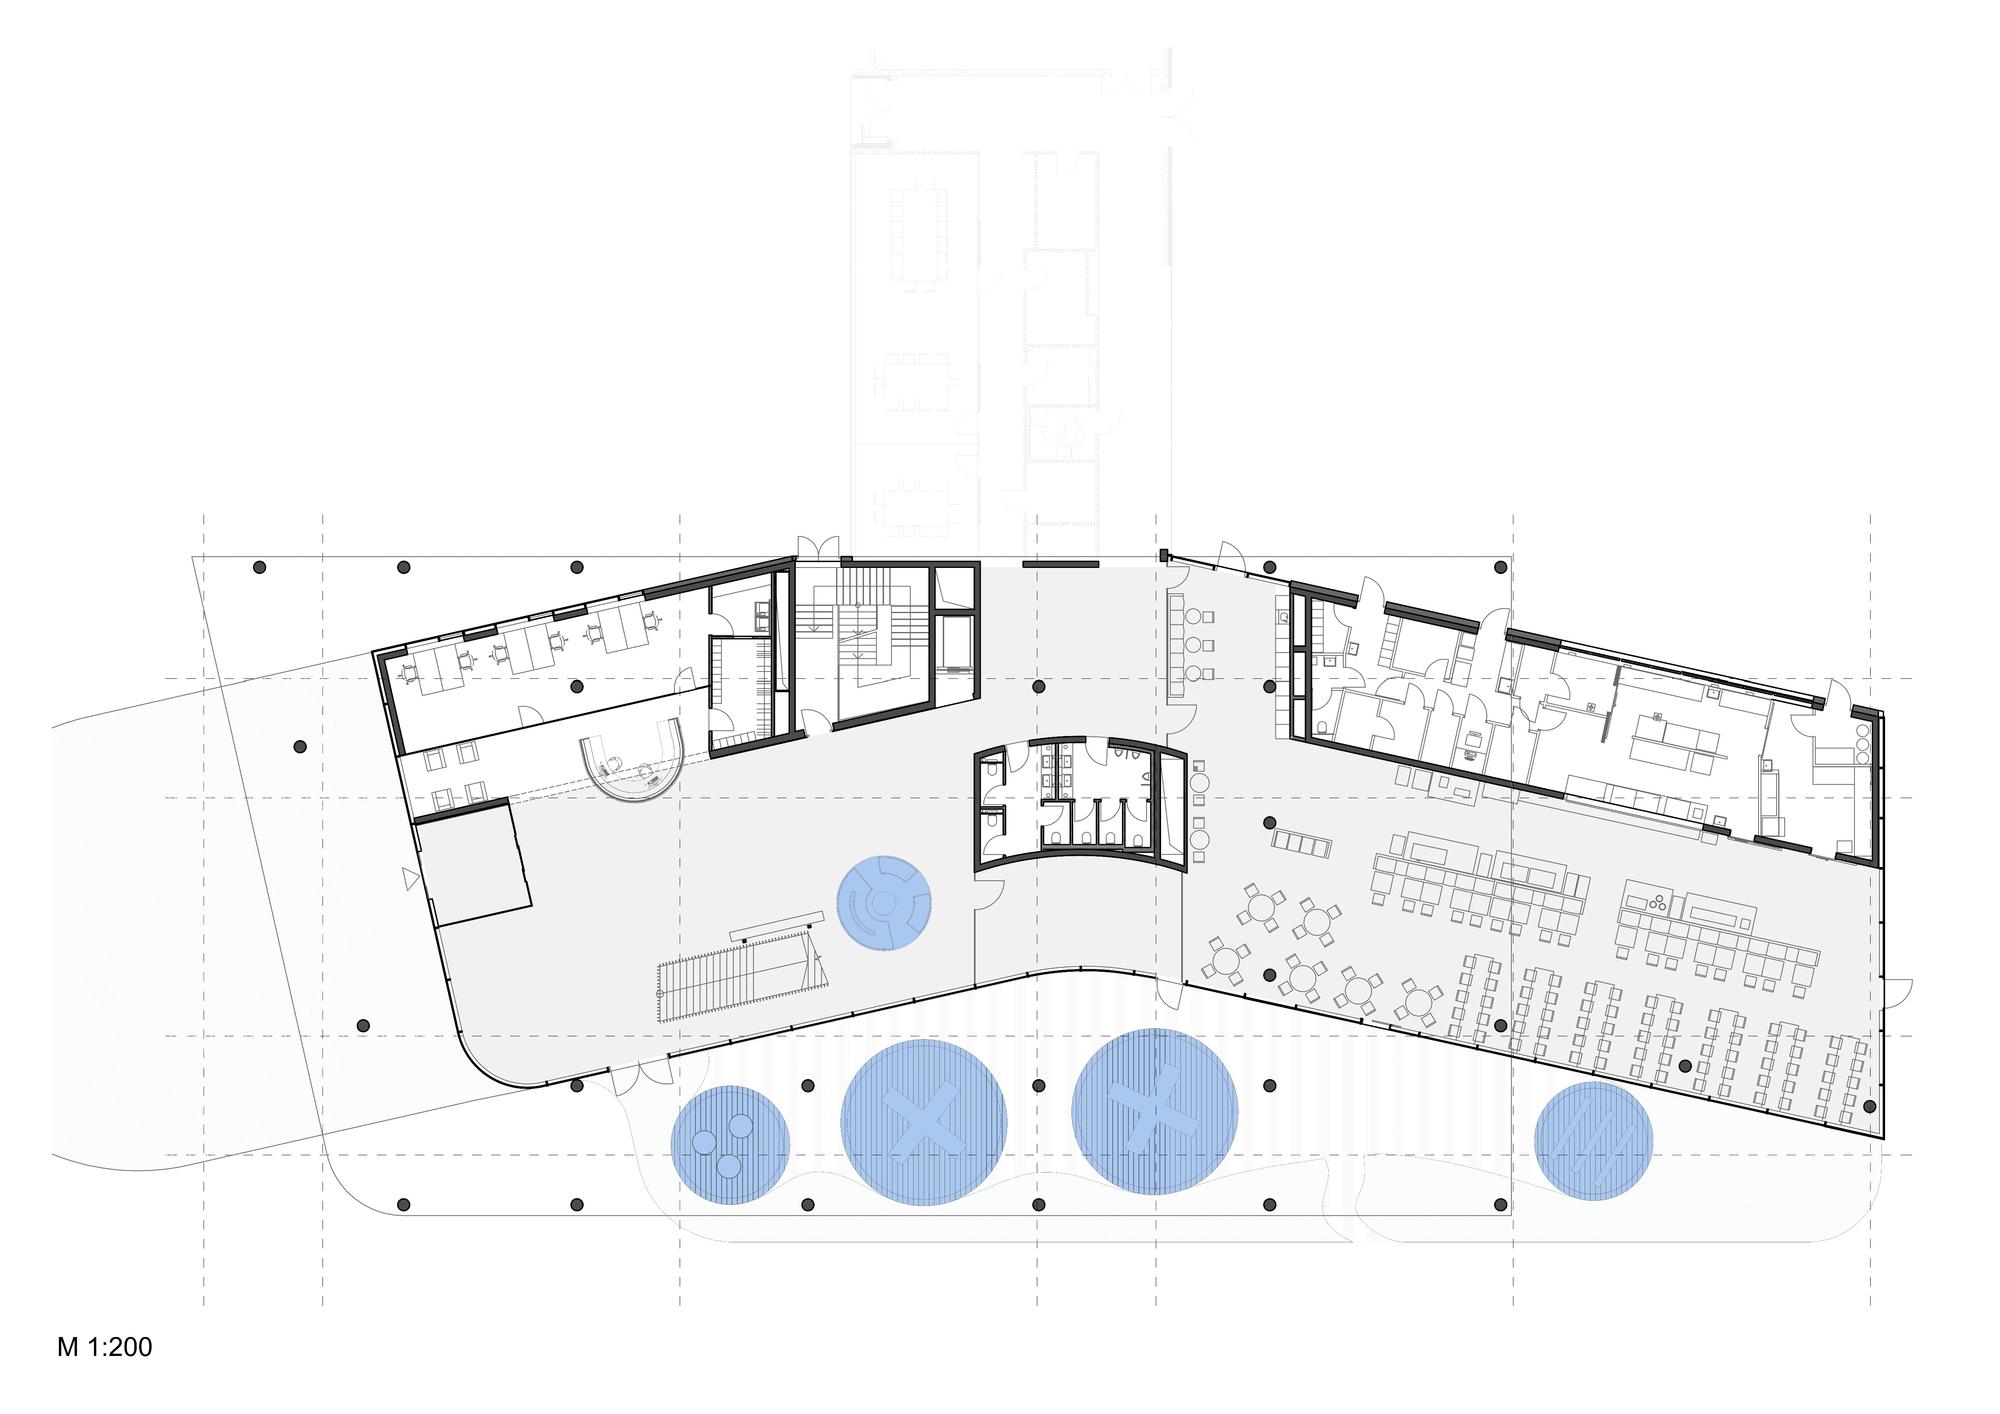 SML奥地利总部办公建筑设计 / Some Place Studio